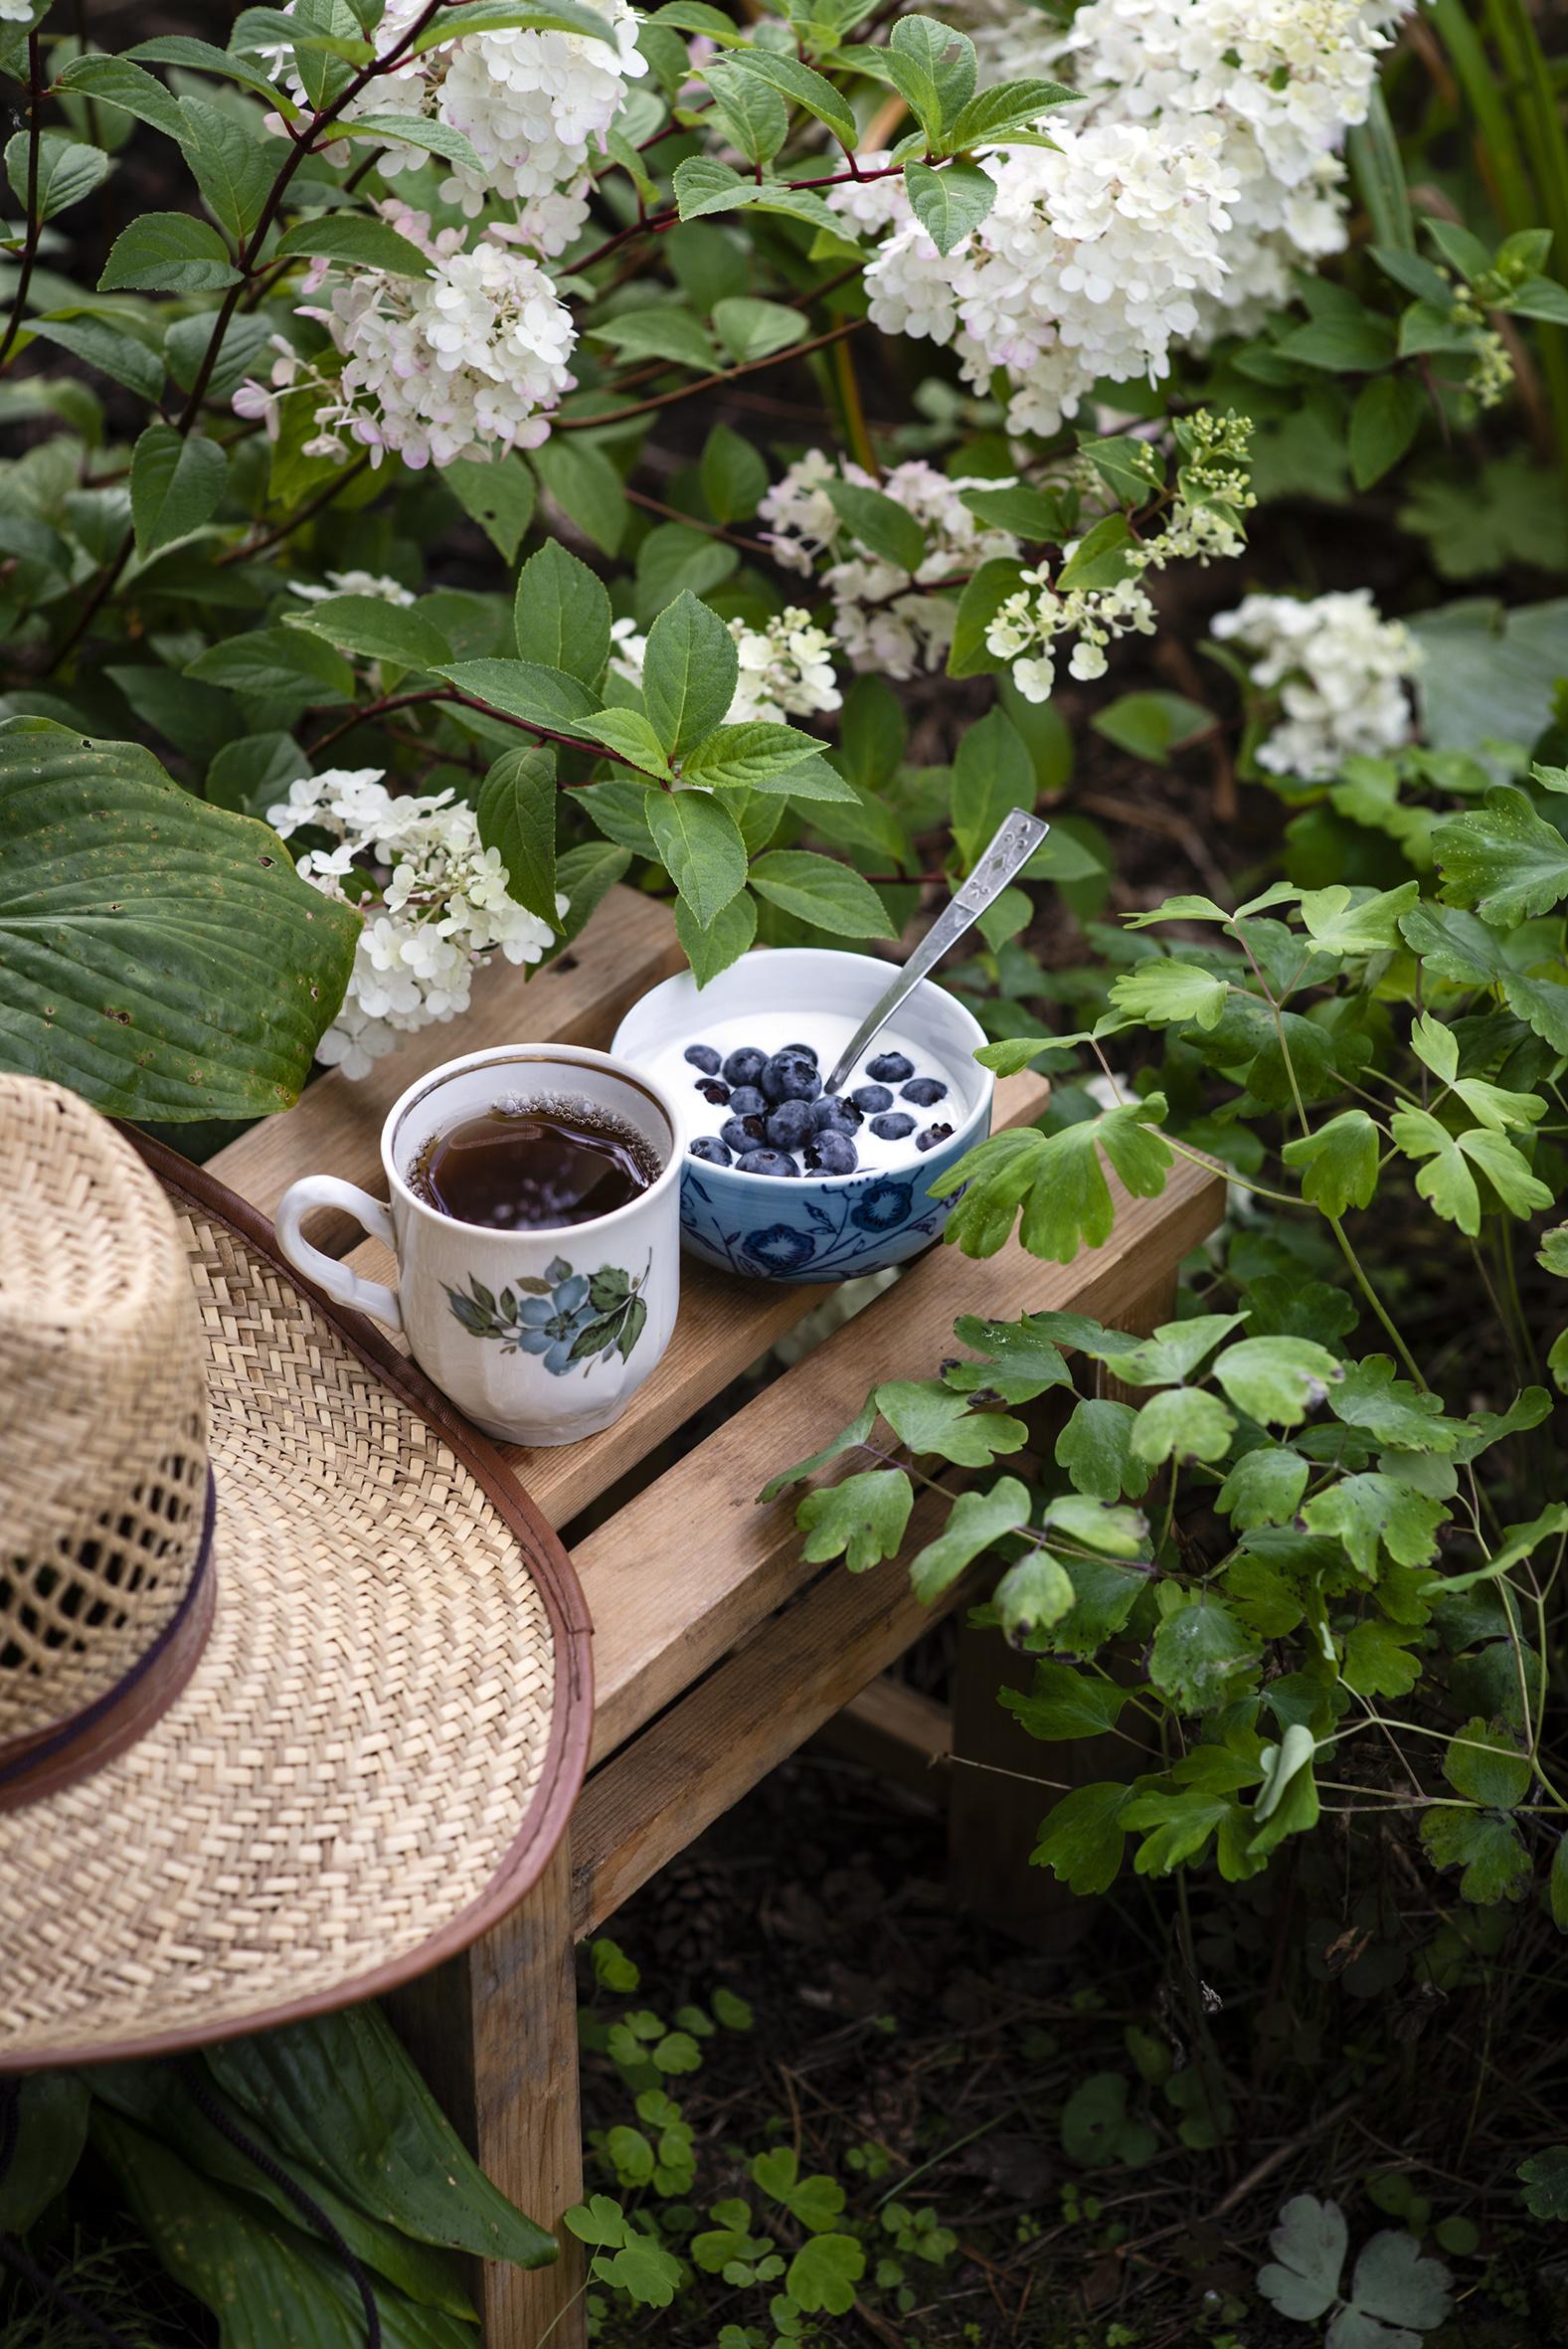 Картинка Чай Йогурт Миска Черника Еда Ветки Чашка  для мобильного телефона Пища ветвь ветка чашке на ветке Продукты питания